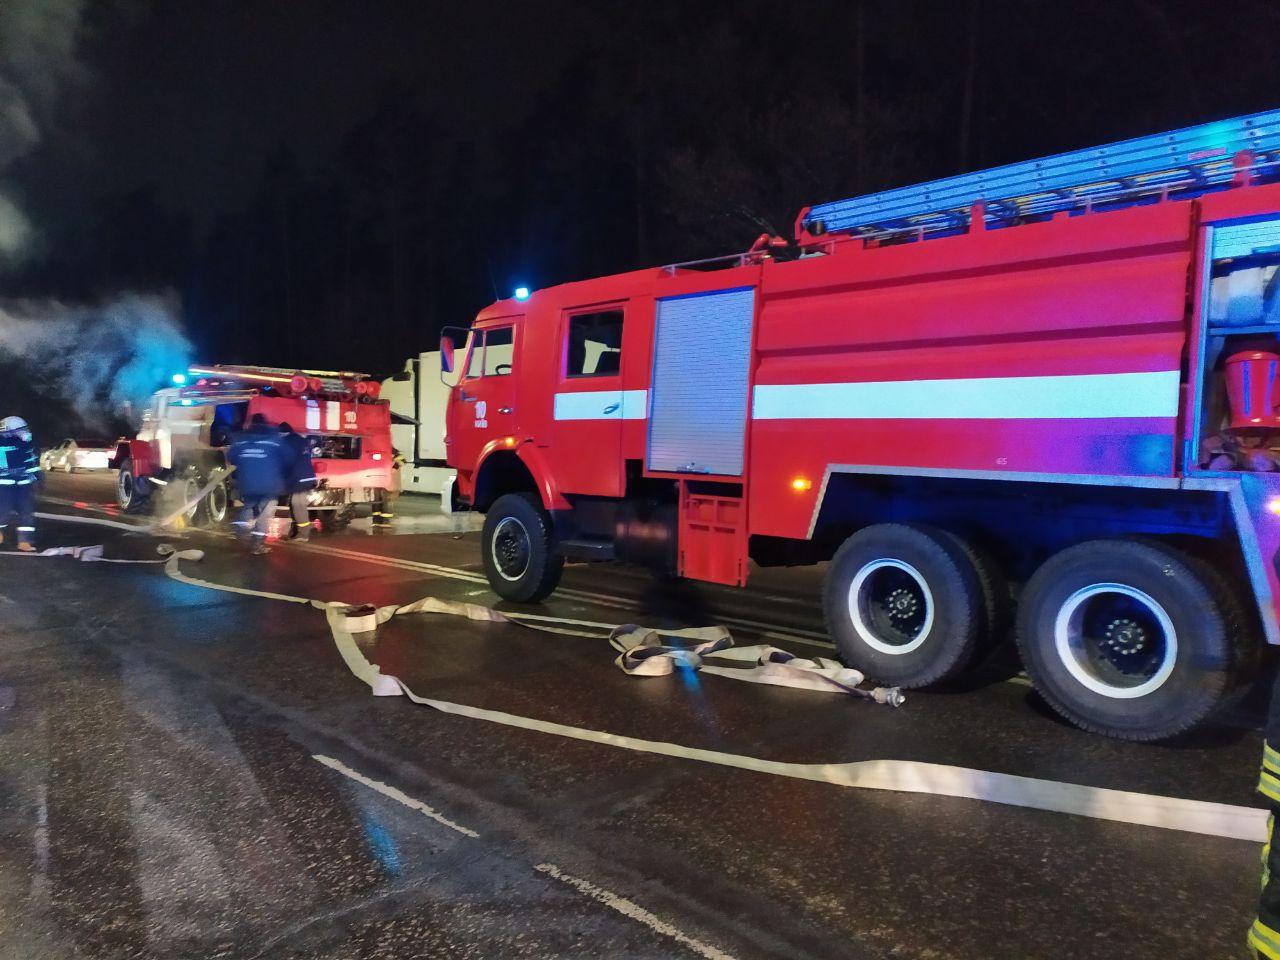 На Гостомельському шосе загорілася вантажівка - загоряння, Гостомельське шосе, вантажівка - photo5202068211892334920